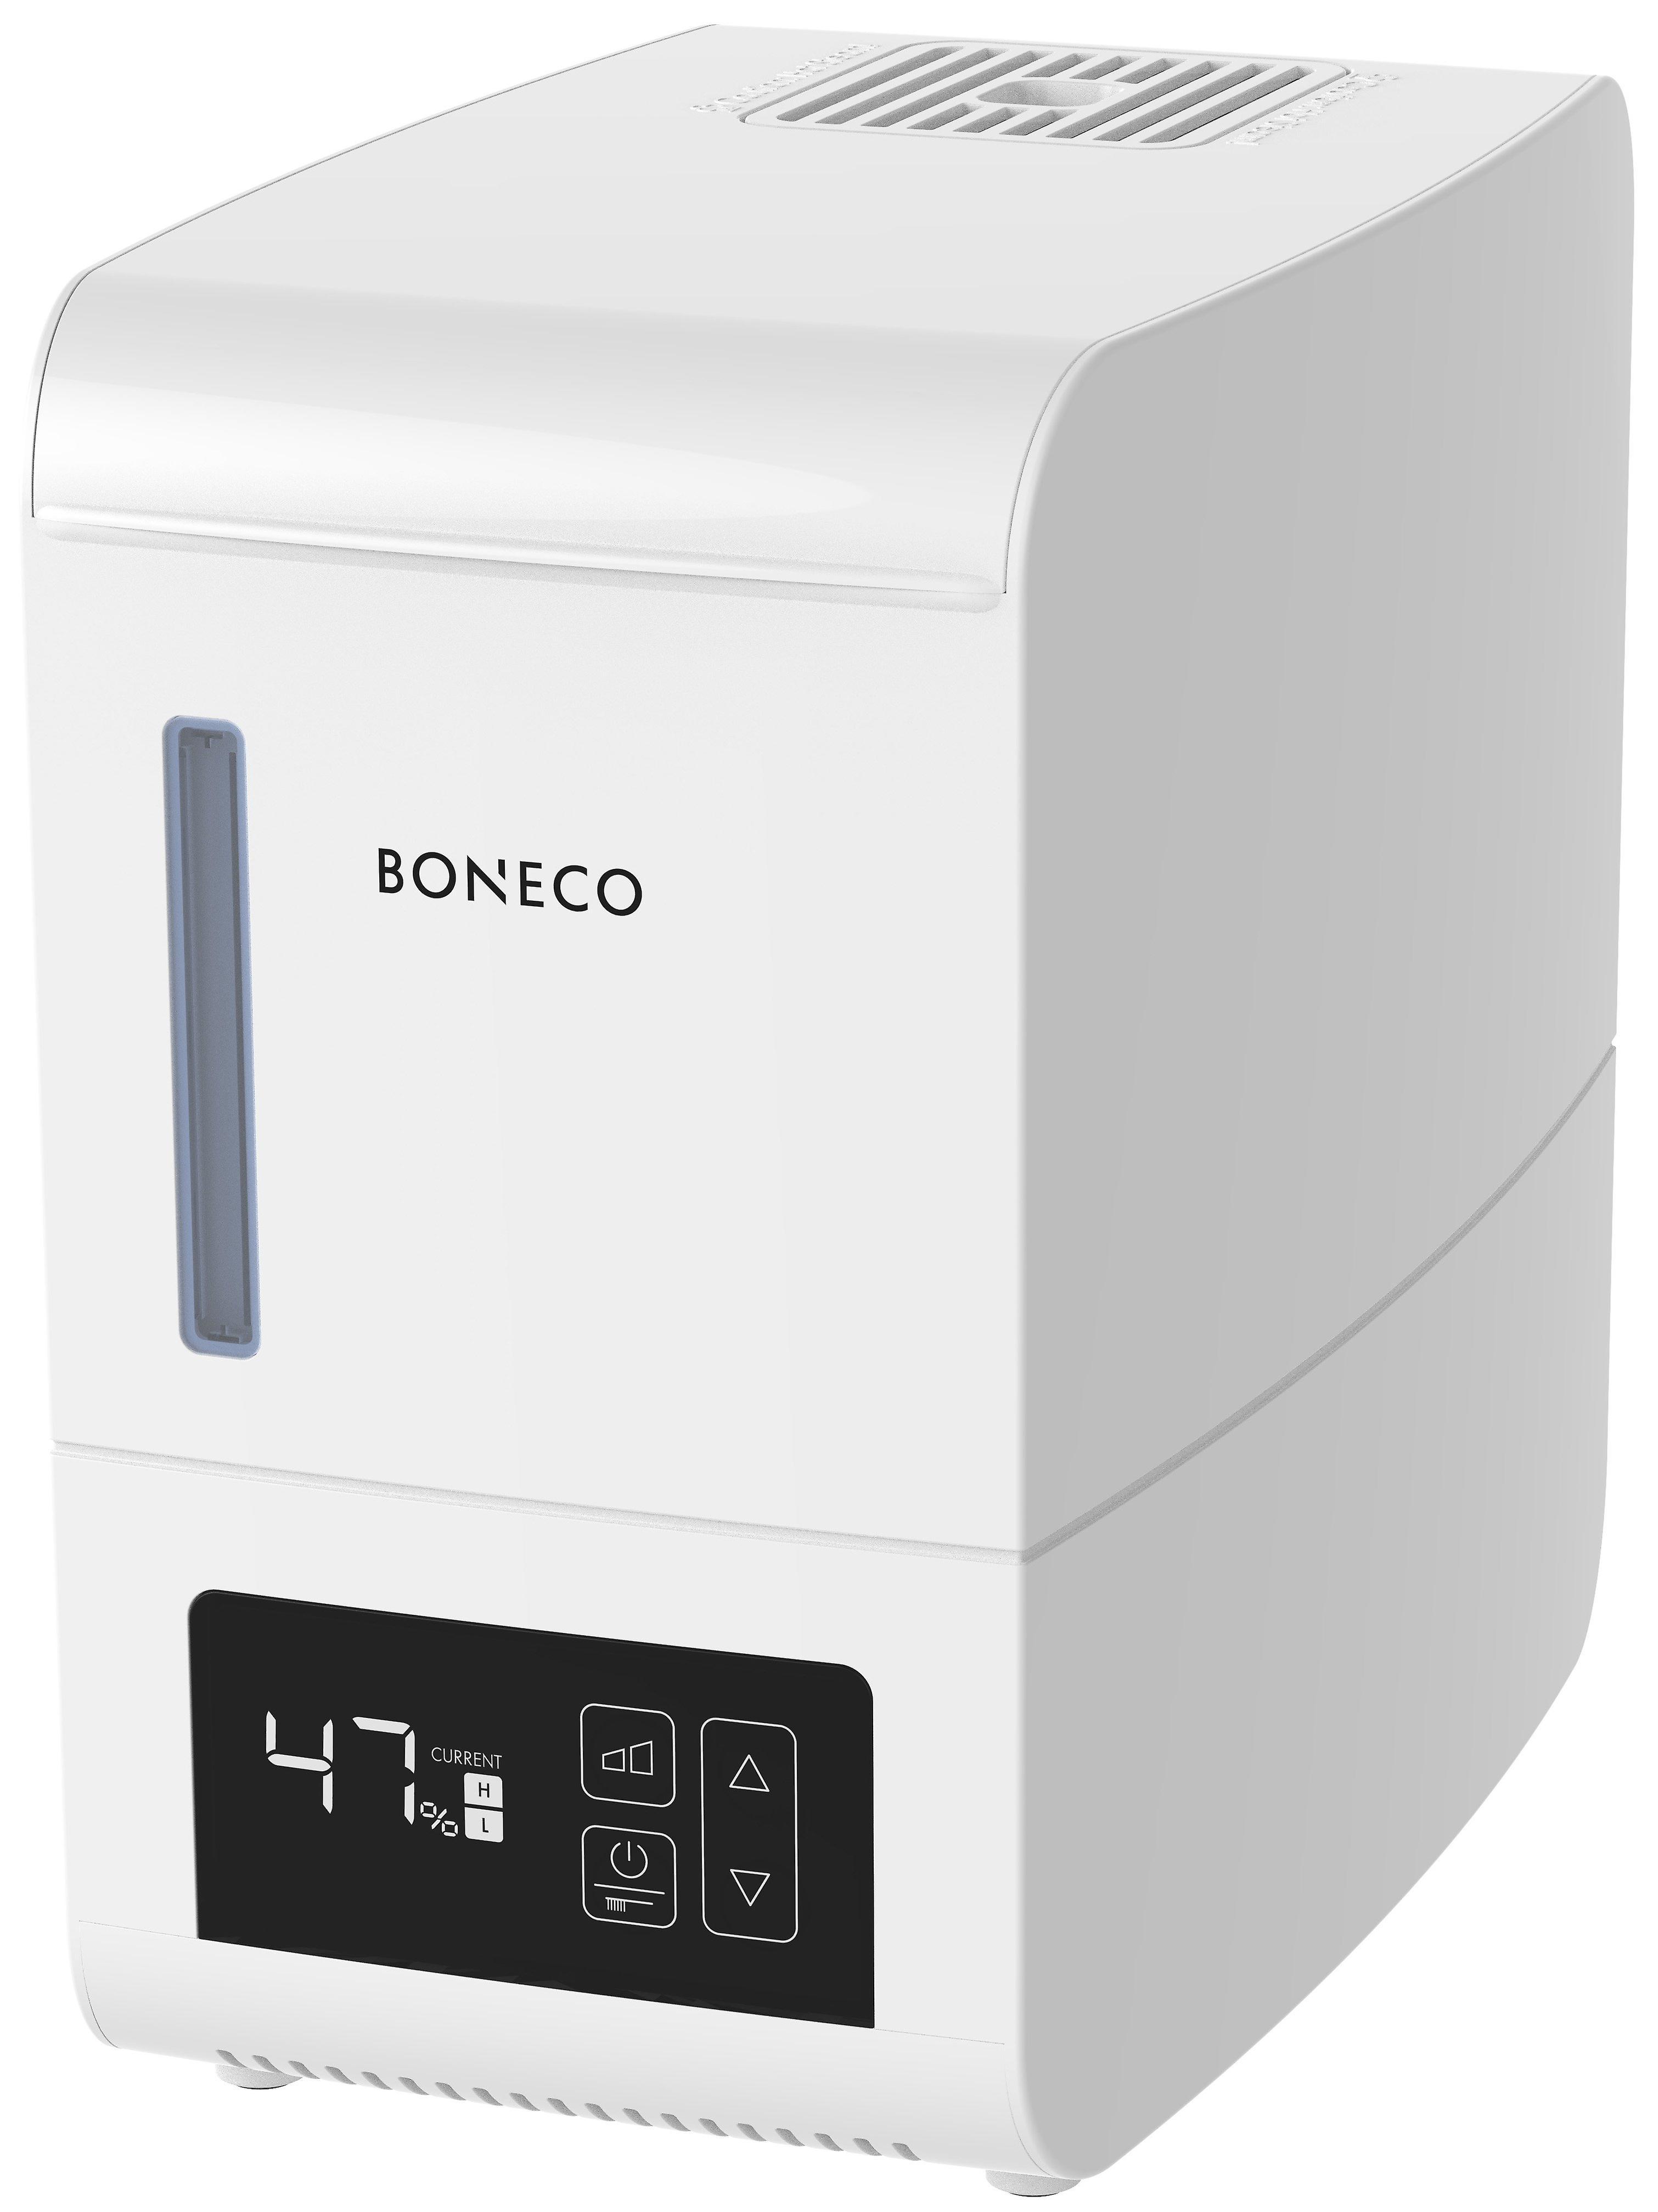 Boneco Humidifier Steam S250